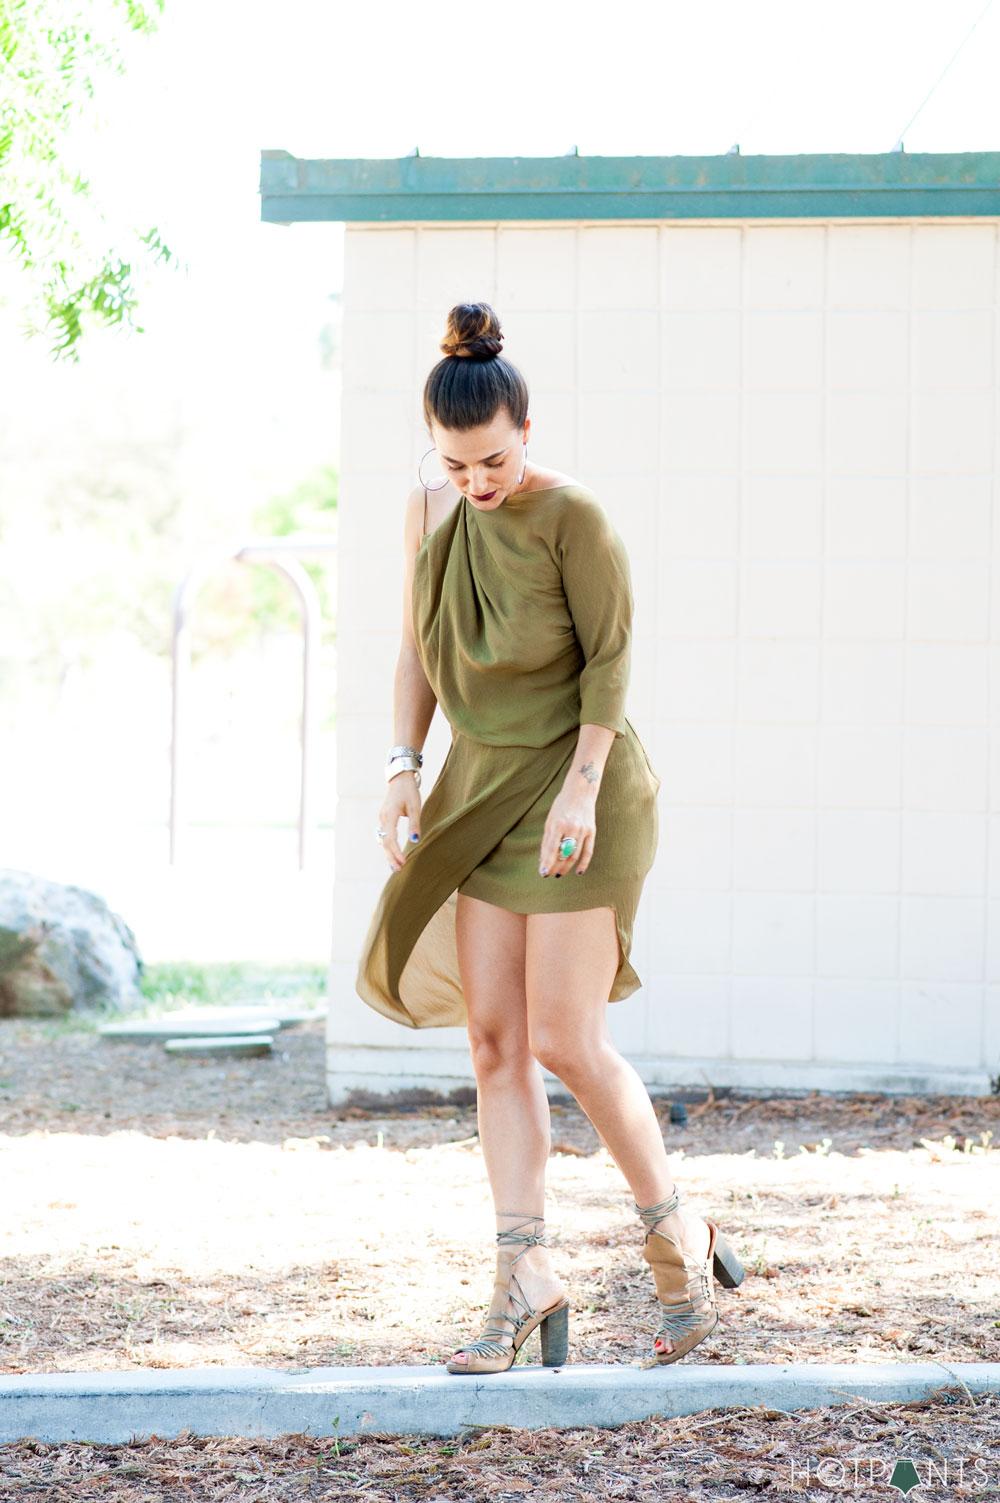 Healthy Woman Body Blogger California Long Hair Updo Bun Dark Lipstick